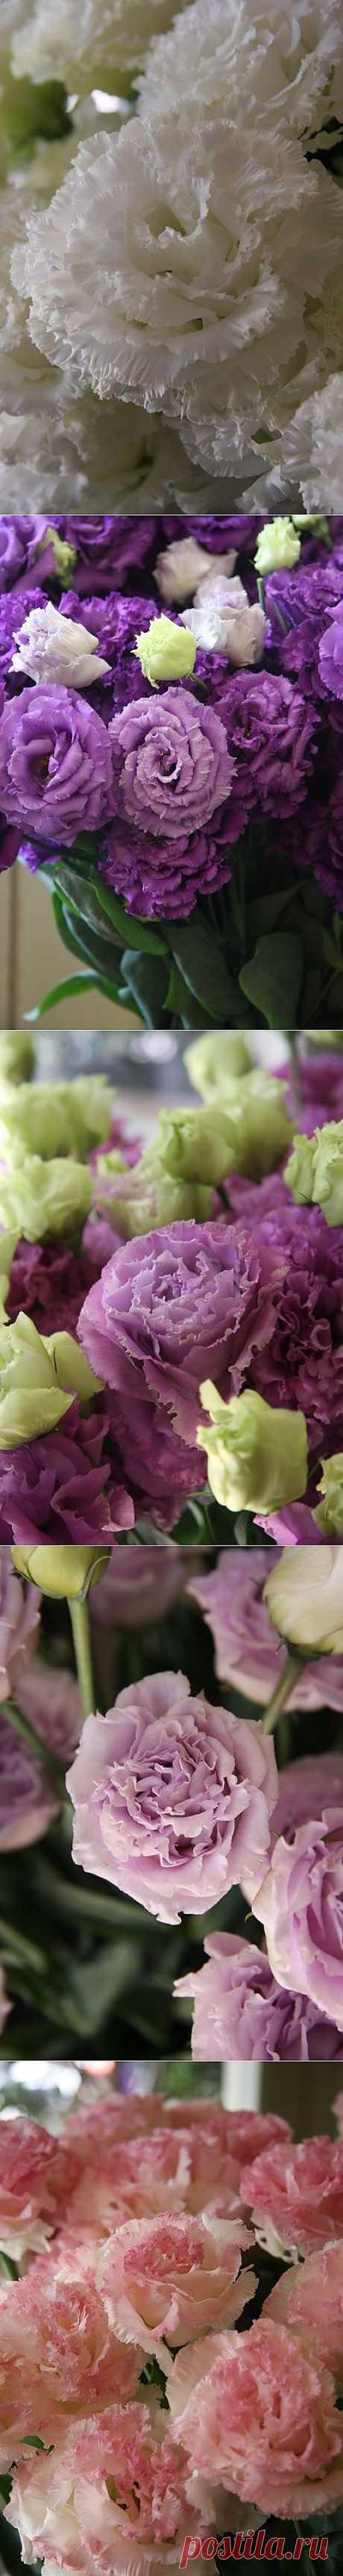 ЭУСТОМА   Home garden|Сад, огород, растения дома